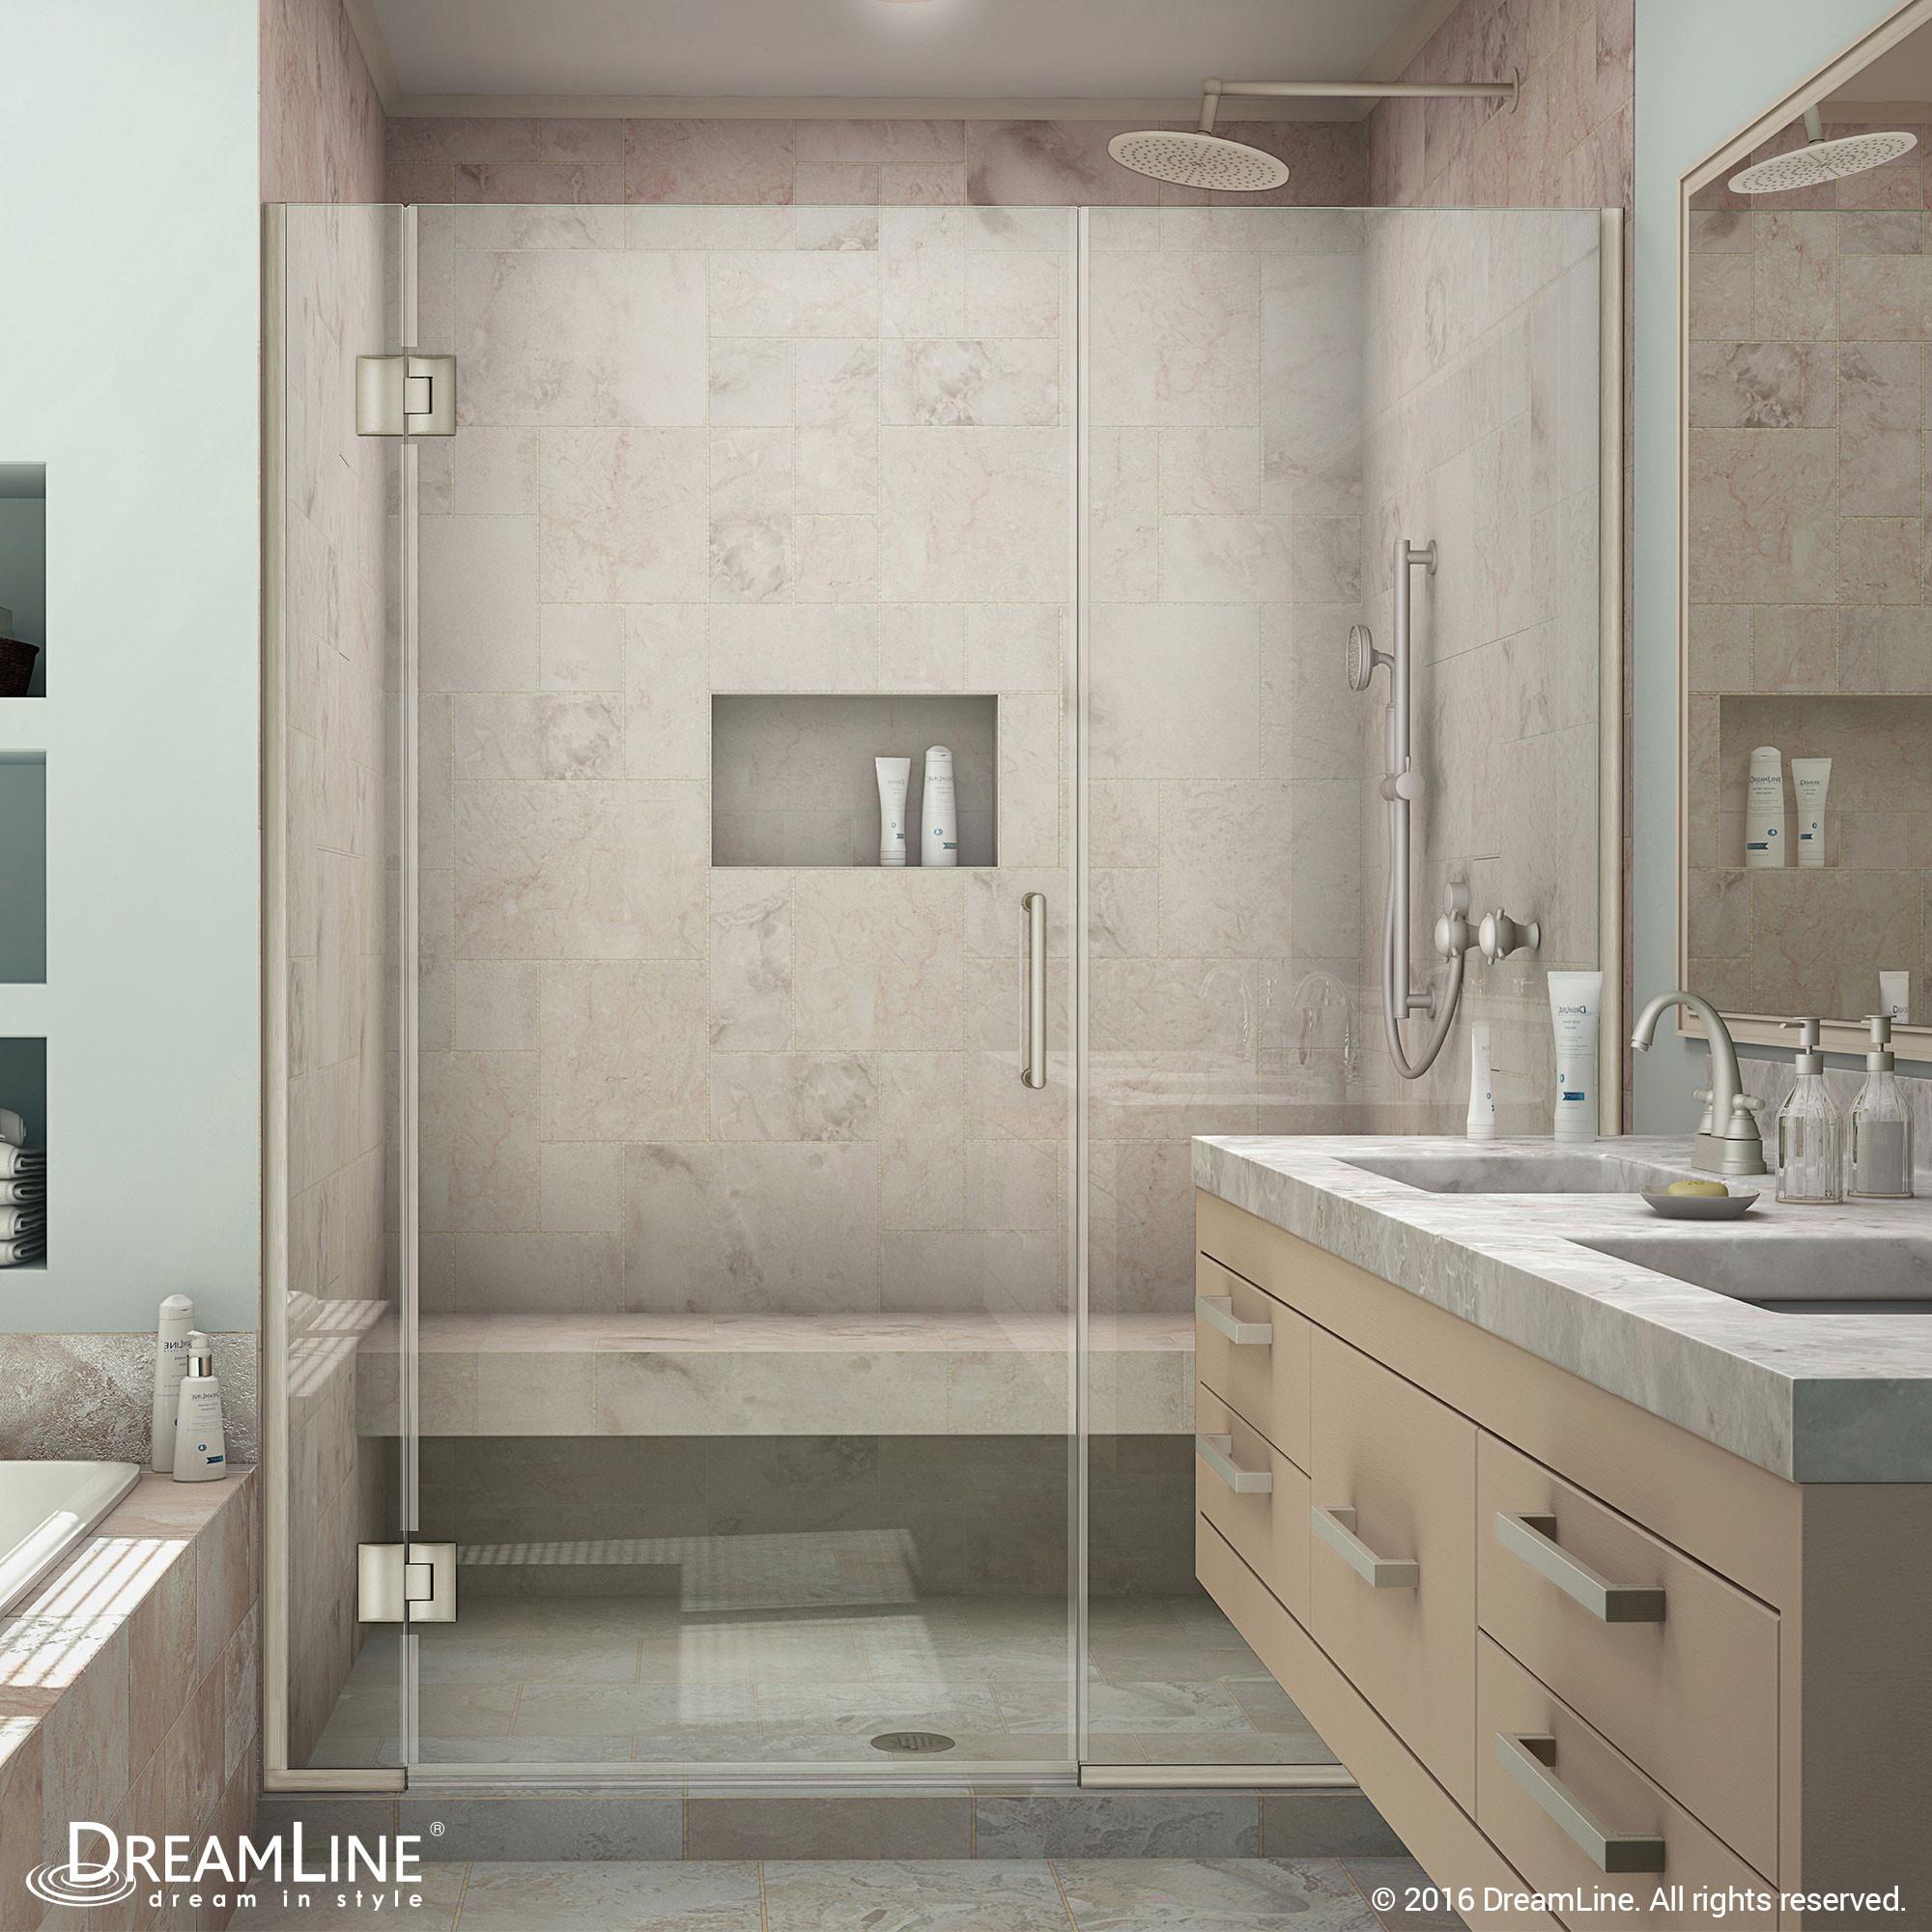 DreamLine D12322572-04 Unidoor-X 51 1/2 - 52 in. W x 72 in. H Hinged Shower Door in Brushed Nickel